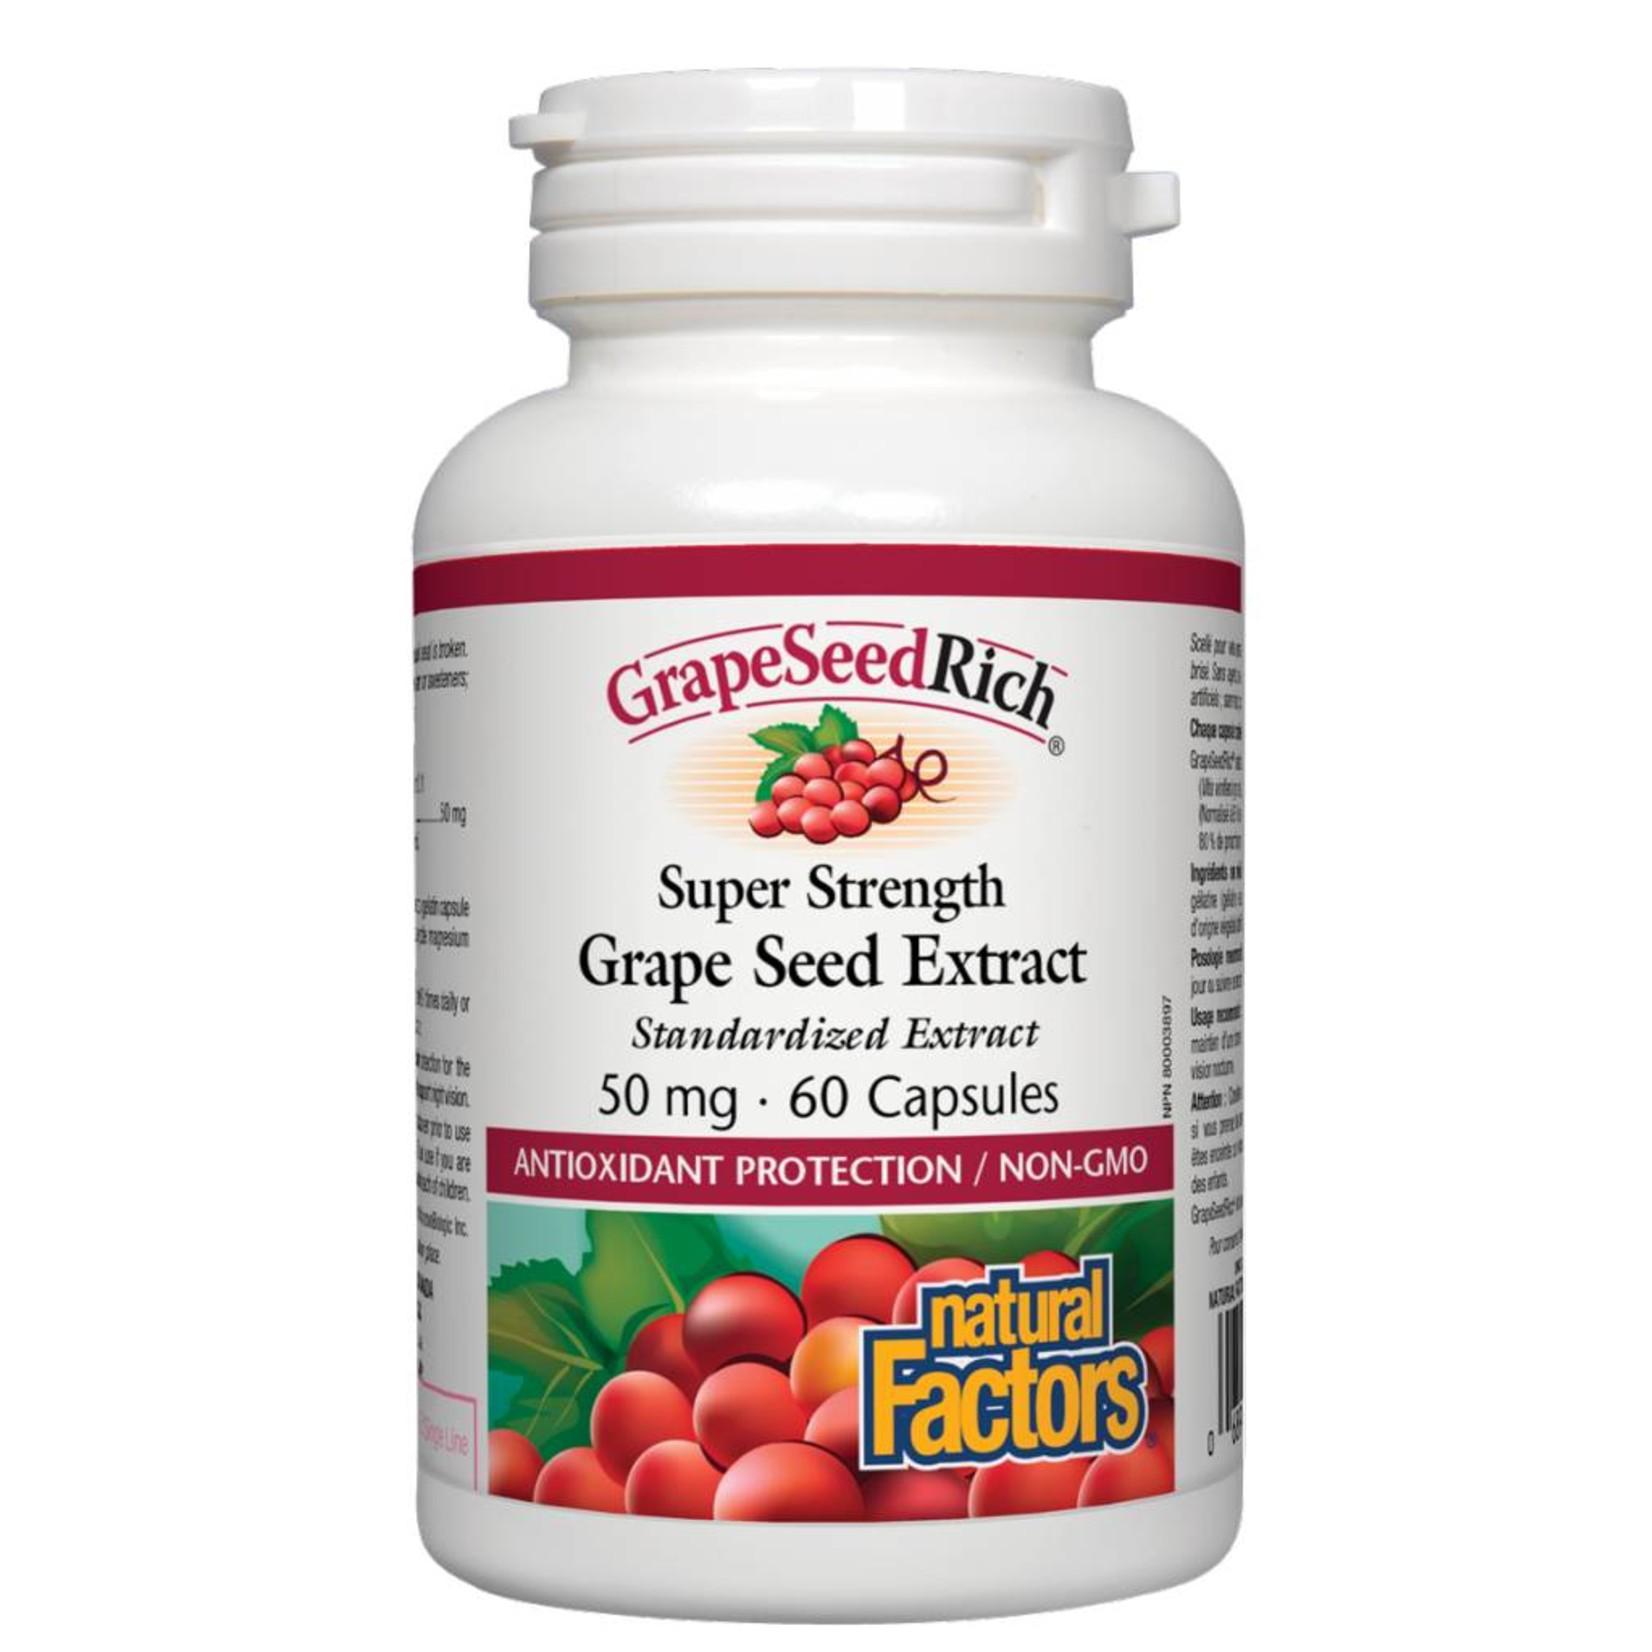 Natural Factors Natural Factors Super Strength Grape Seed Extract 50mg 60 caps